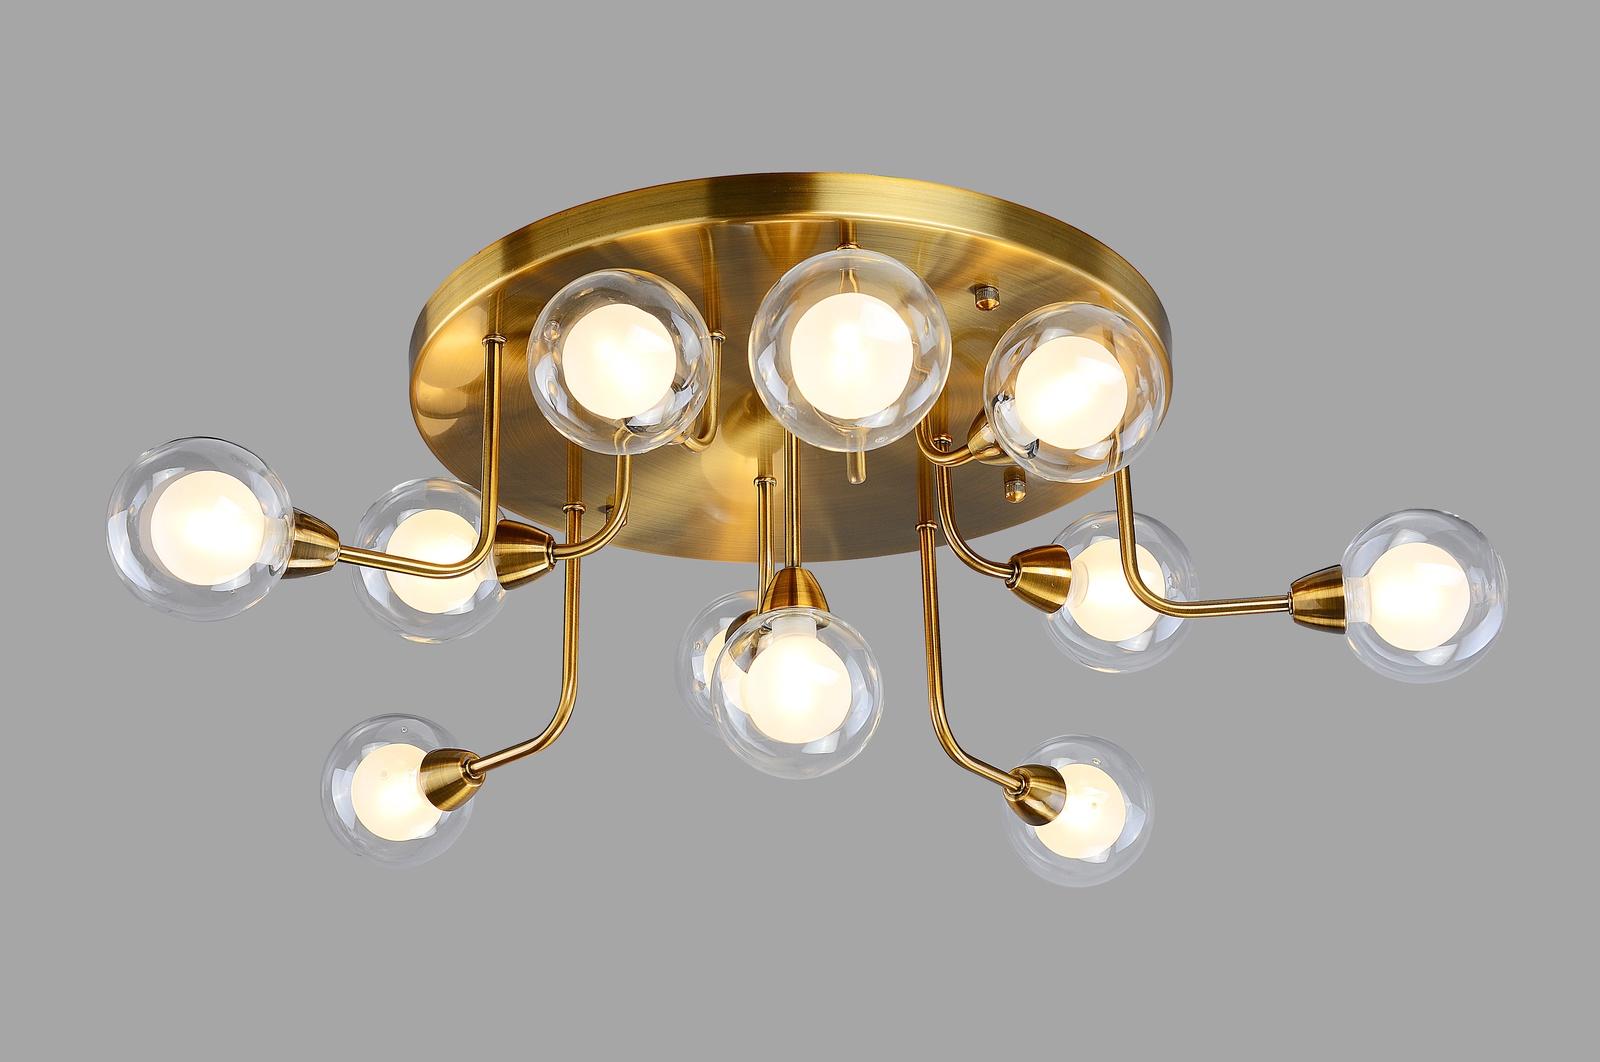 Потолочный светильник Divinare 3360/15 PL-11, золотой divinare светильник потолочный